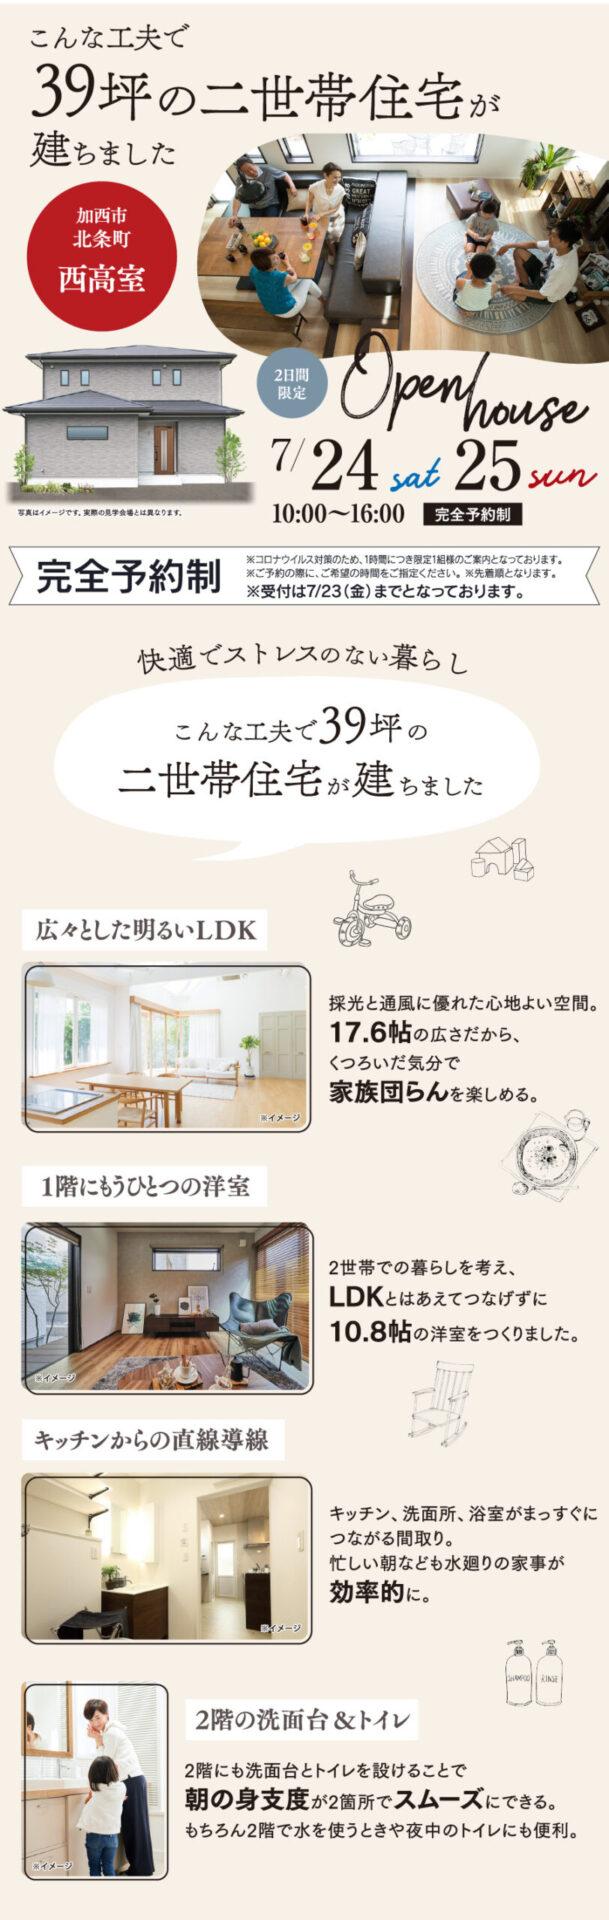 こんな工夫で39坪の二世帯住宅がたちました!加西市北条町西高室にて2021年7月24日(土)・25日(日) 開催。